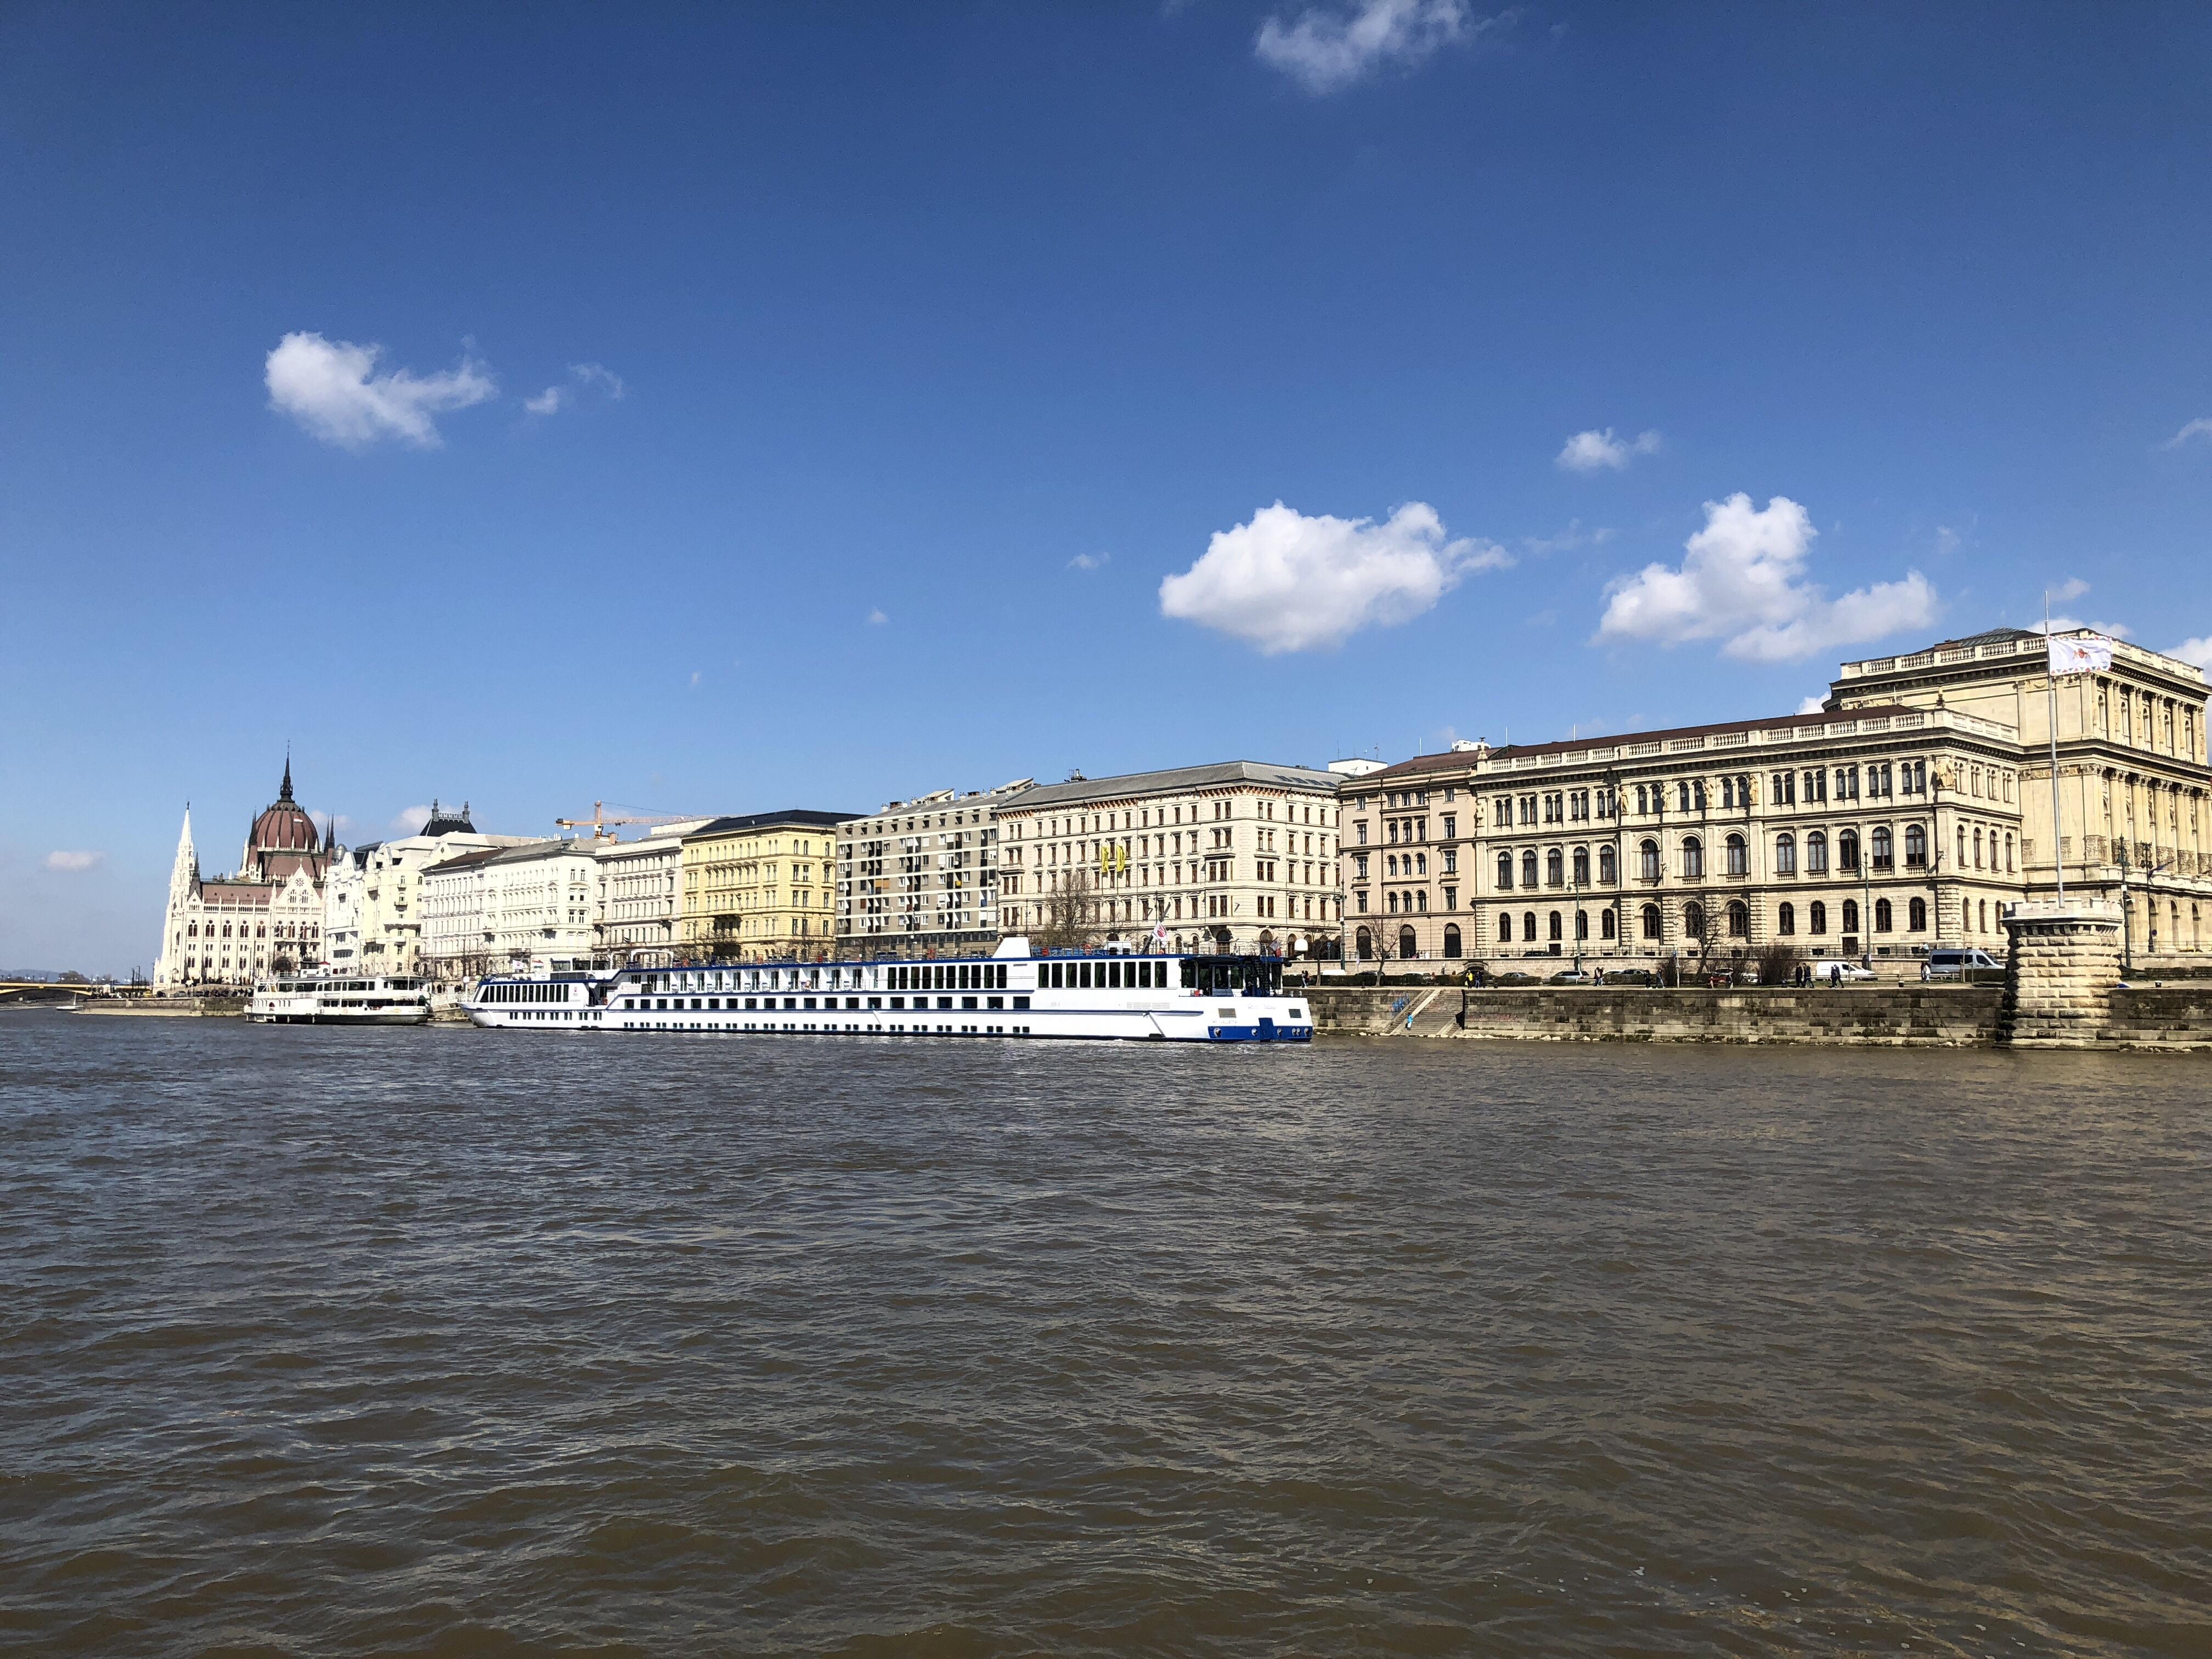 Kryssning på Donau